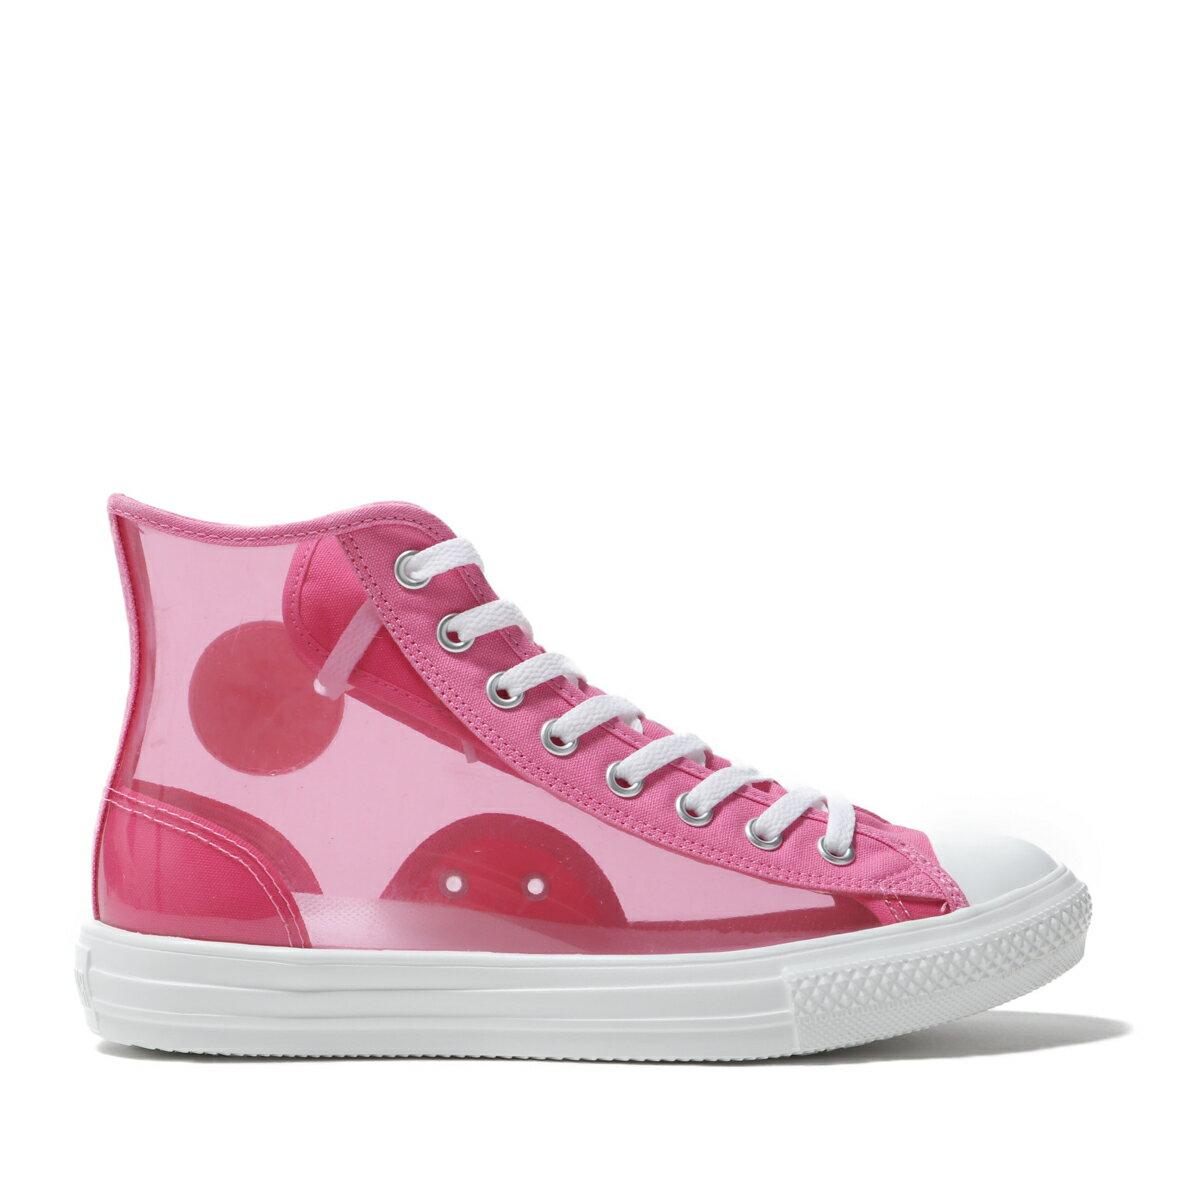 メンズ靴, スニーカー CONVERSE ALL STAR LIGHT CLEARMATERIAL HI(PINK)( )19FW-S